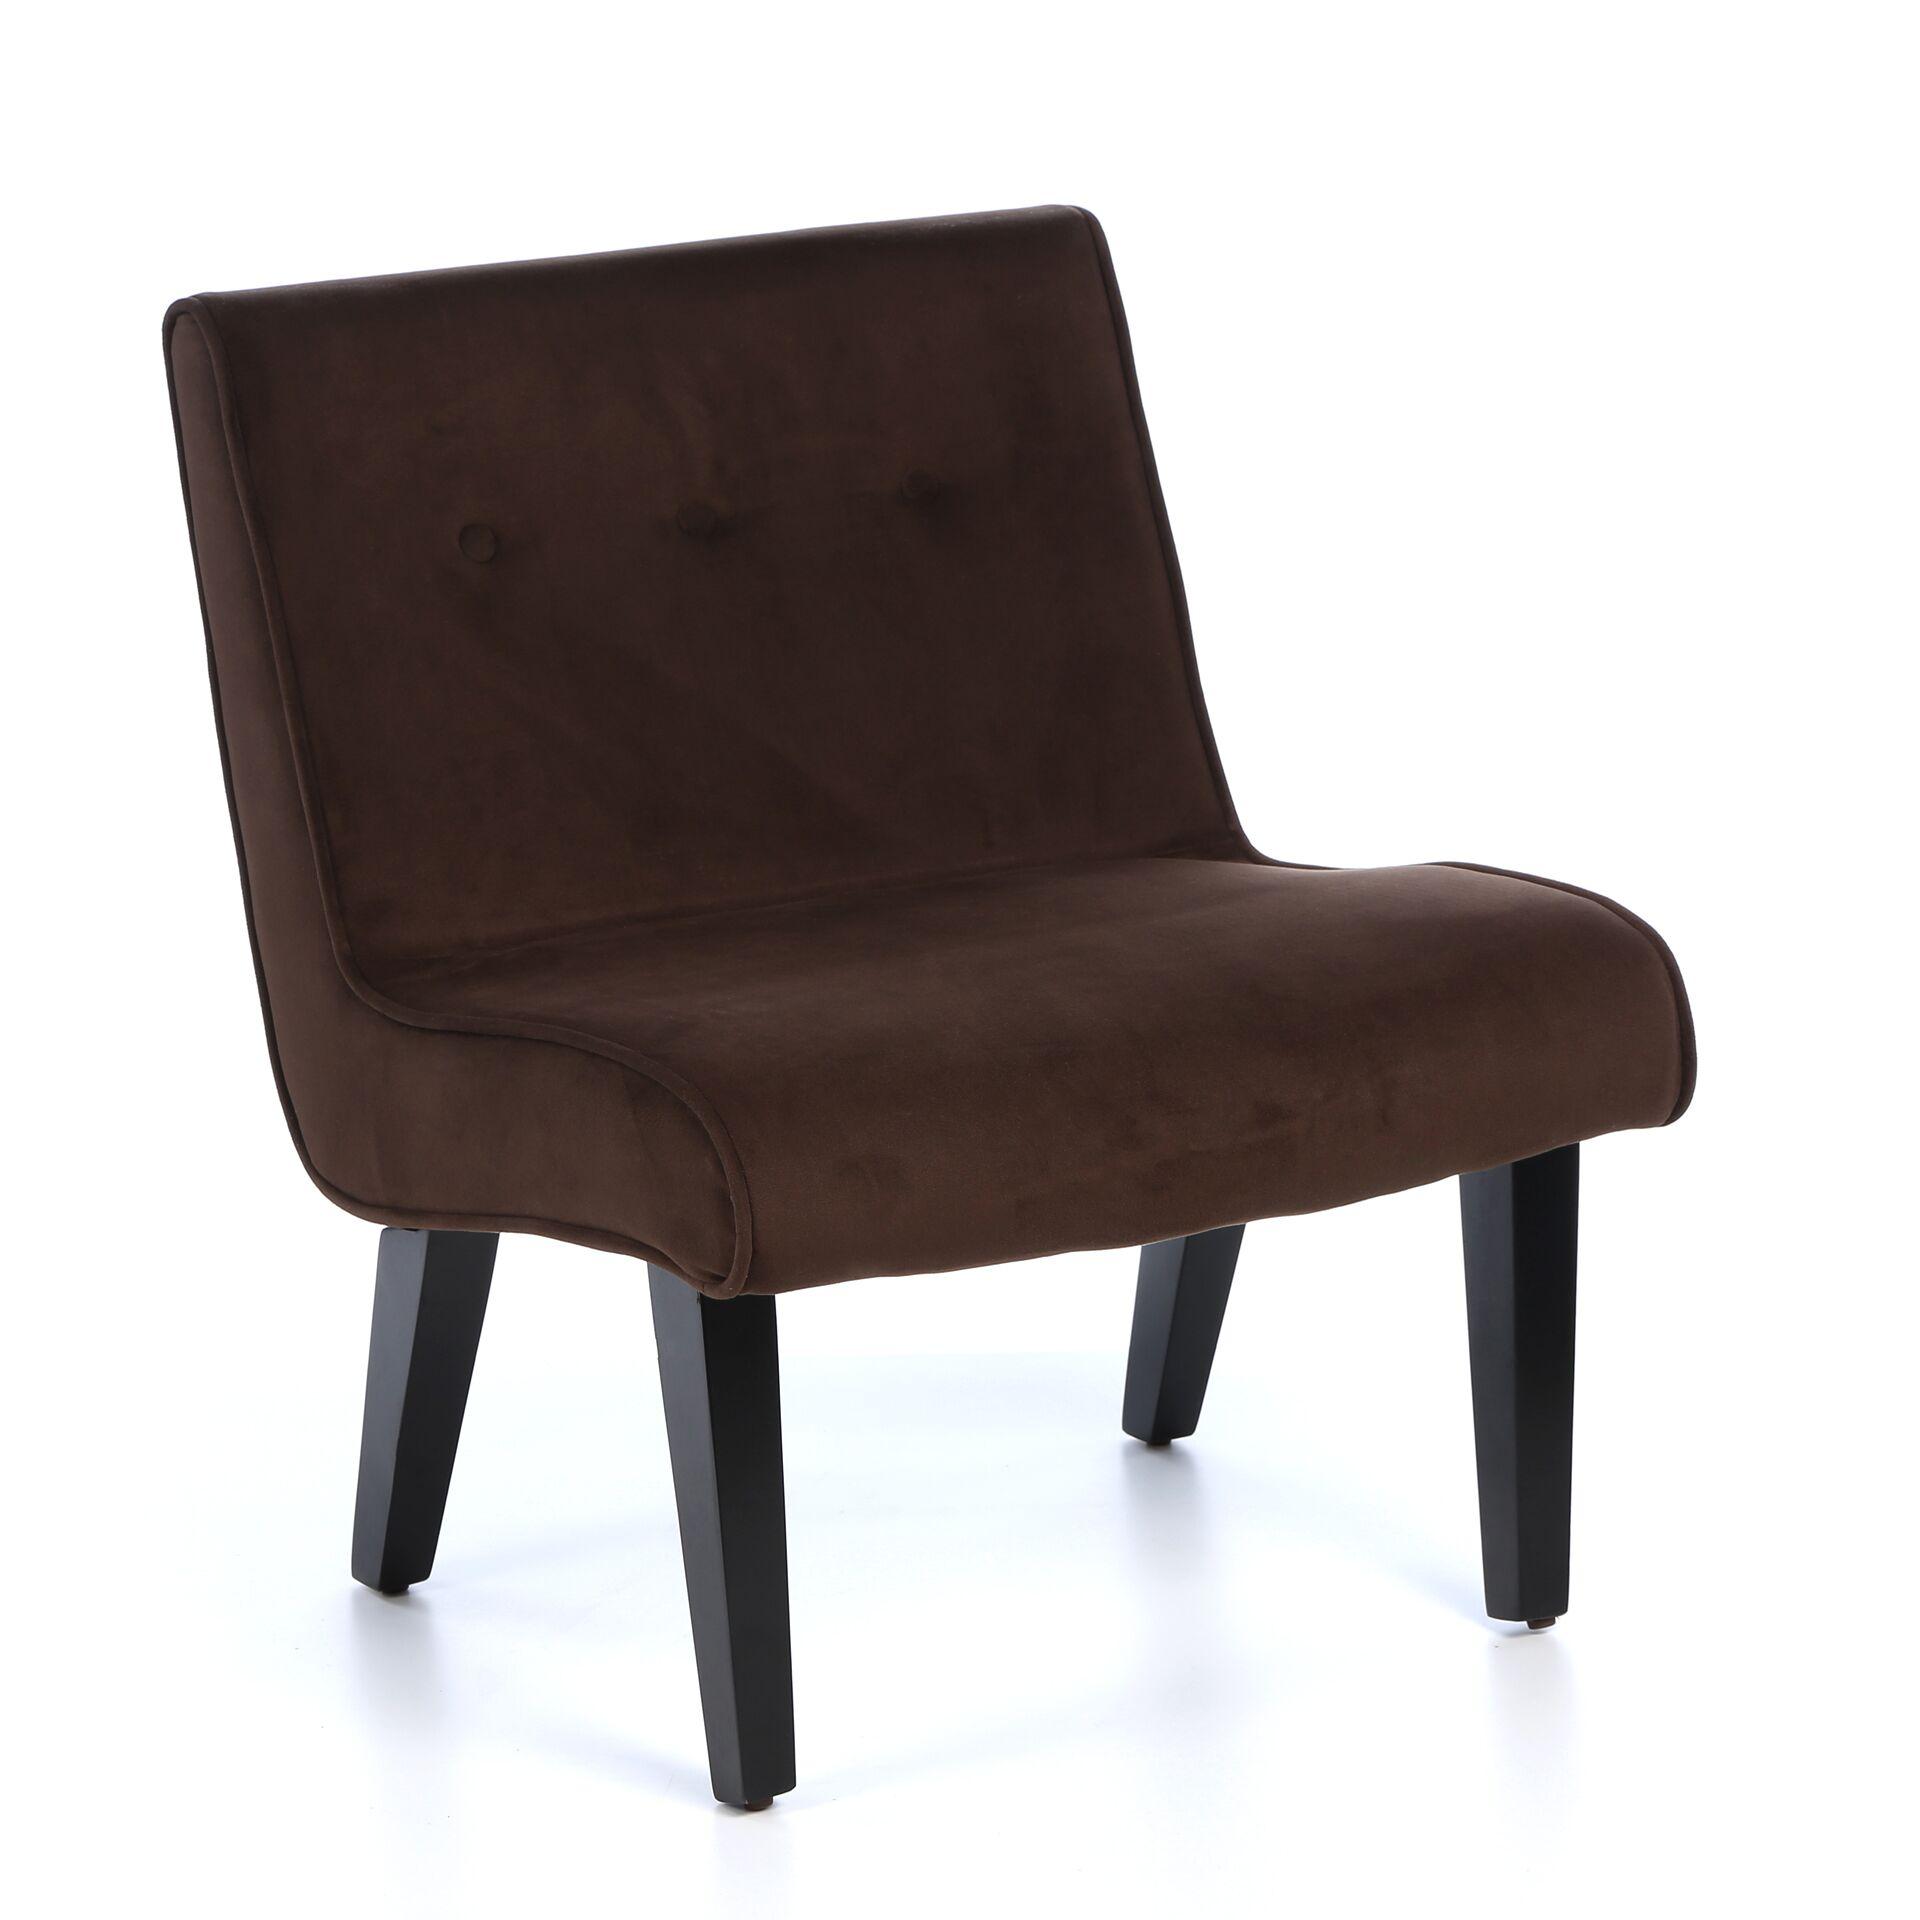 Elvie Velvet Slipper Guest Chair Frame Finish: Chocolate